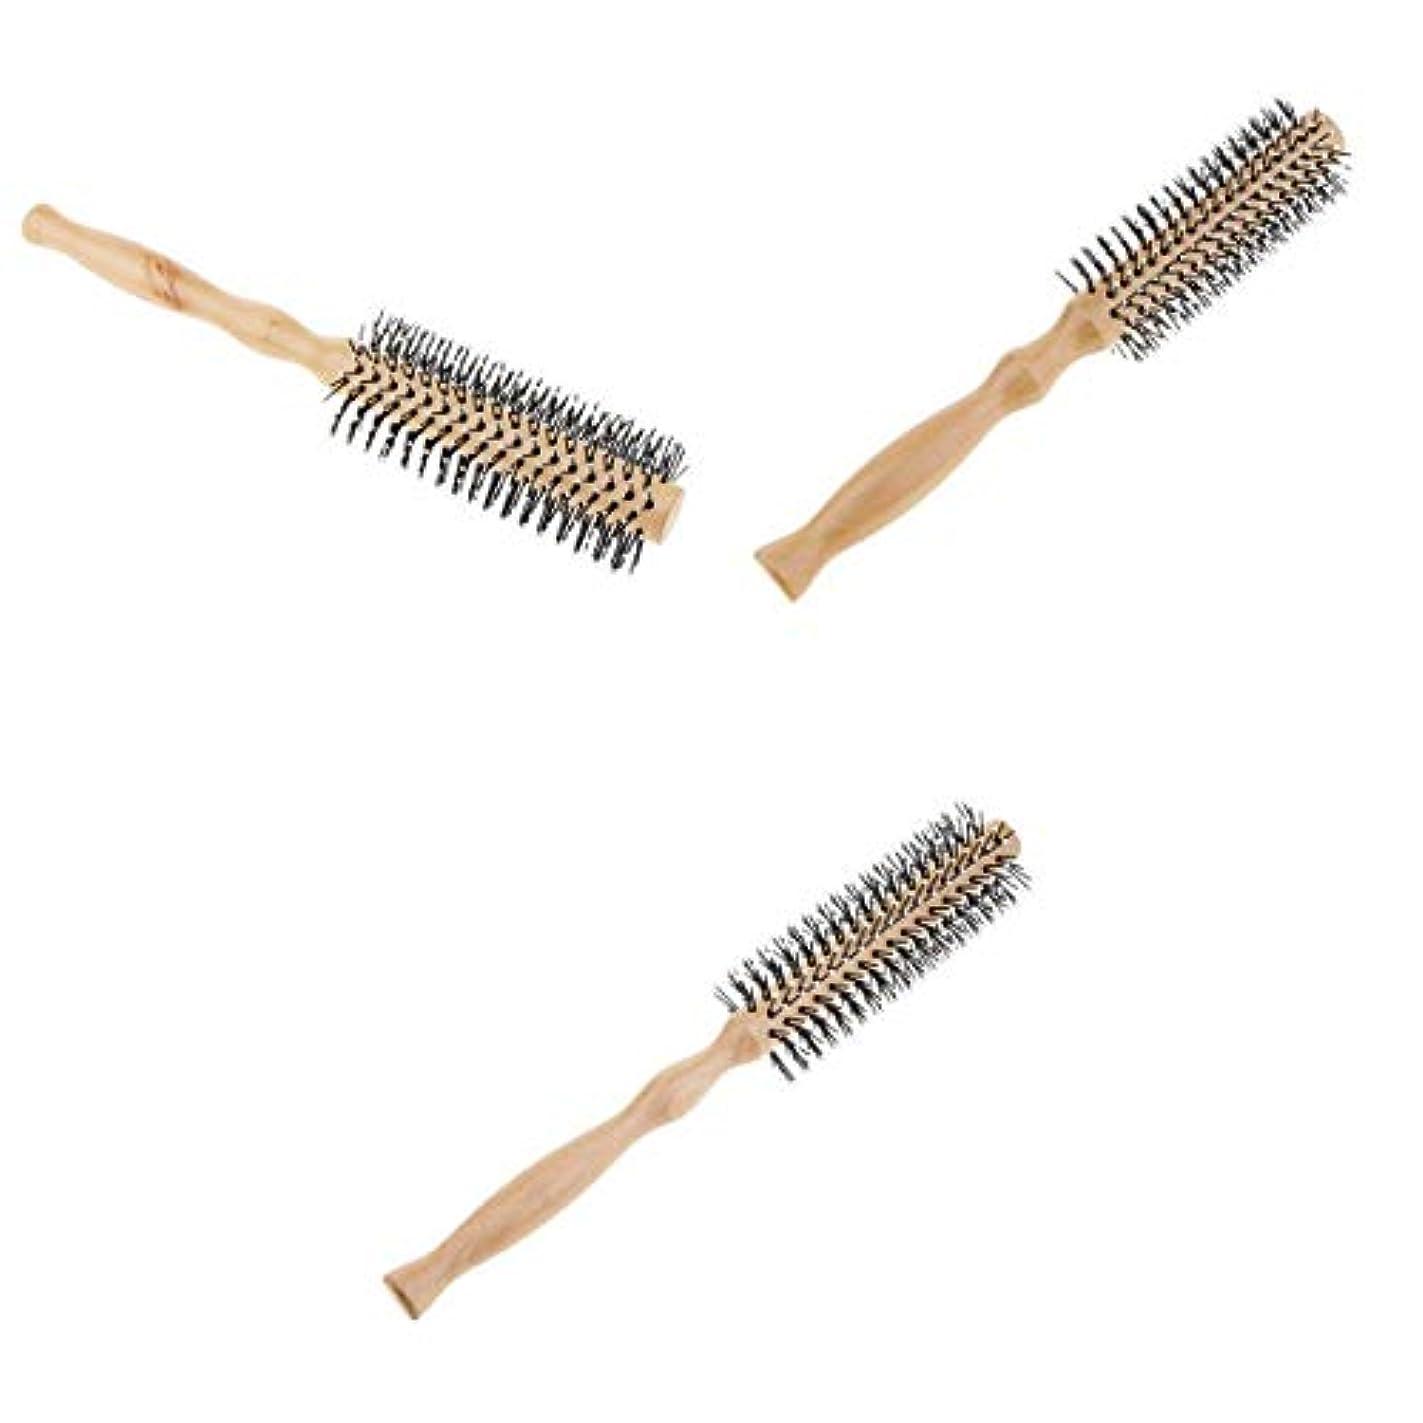 資本主義恐怖症精巧なロールブラシ ヘアブラシ 木製櫛 スタイリングブラシ 巻き髪 静電気防止 3本セット